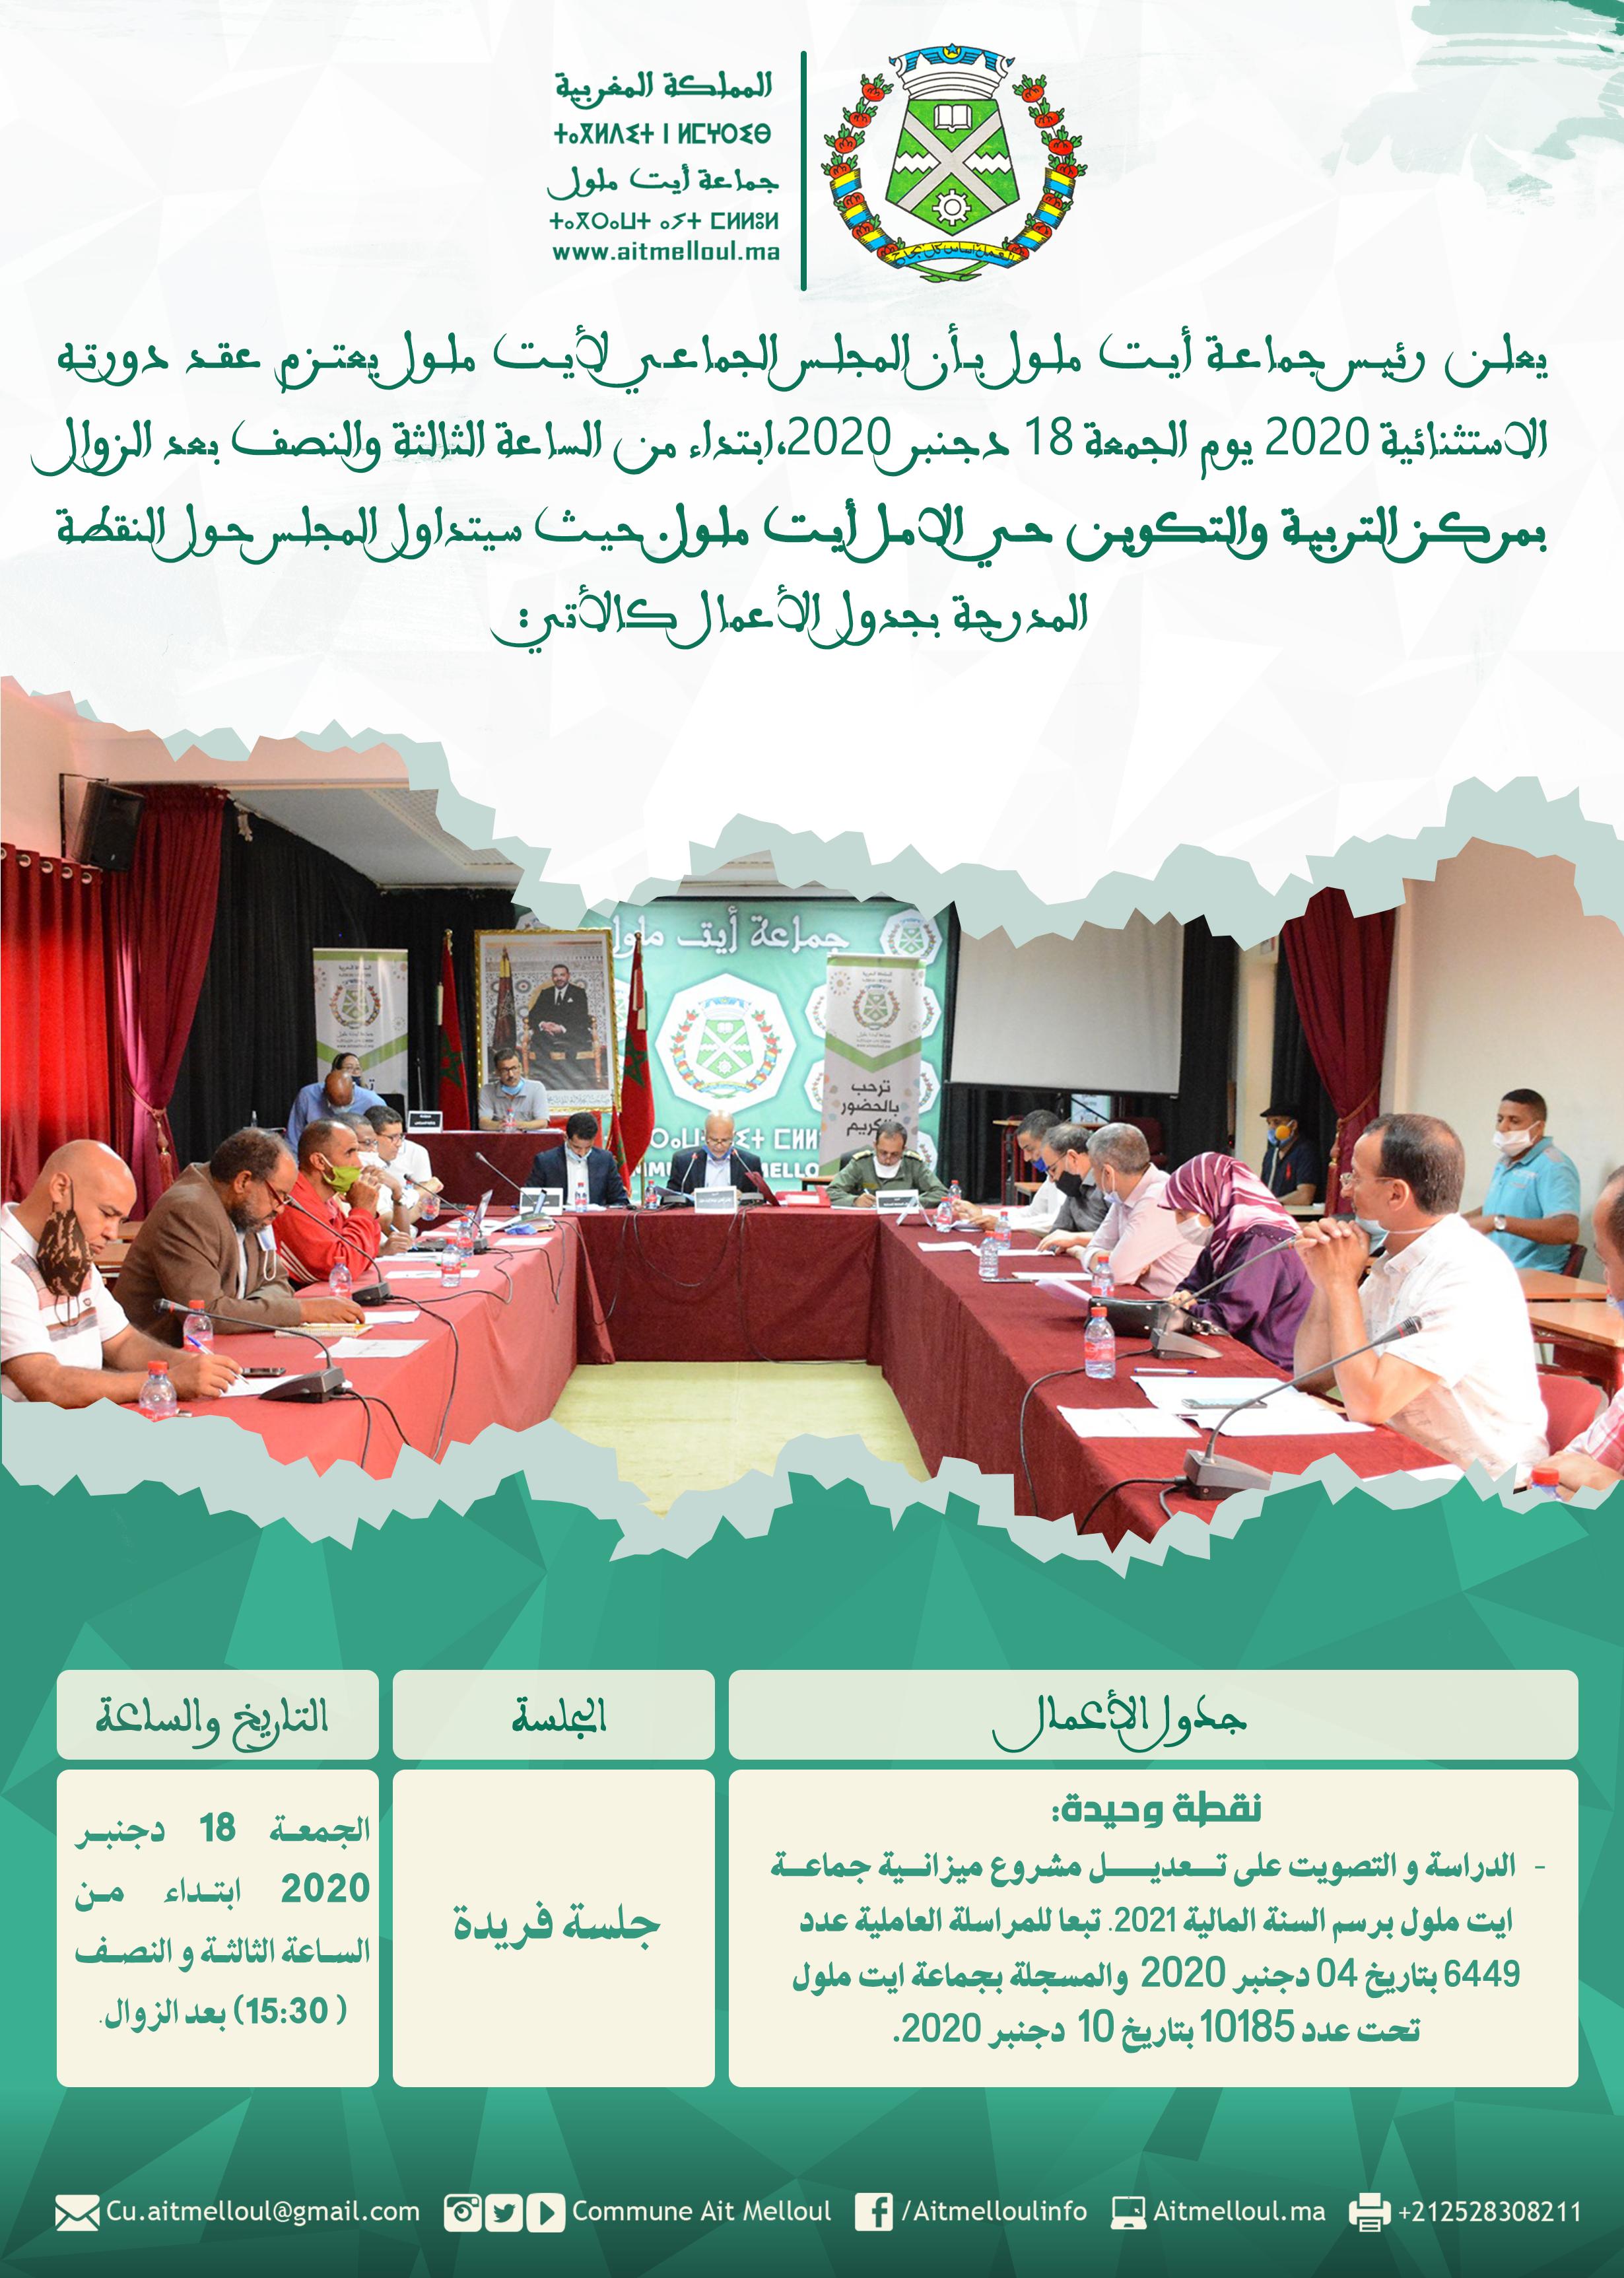 إعلان عن عقد دورة إستثنائية للمجلس الجماعي لأيت ملول (الجمعة 18 دجنبر2020)